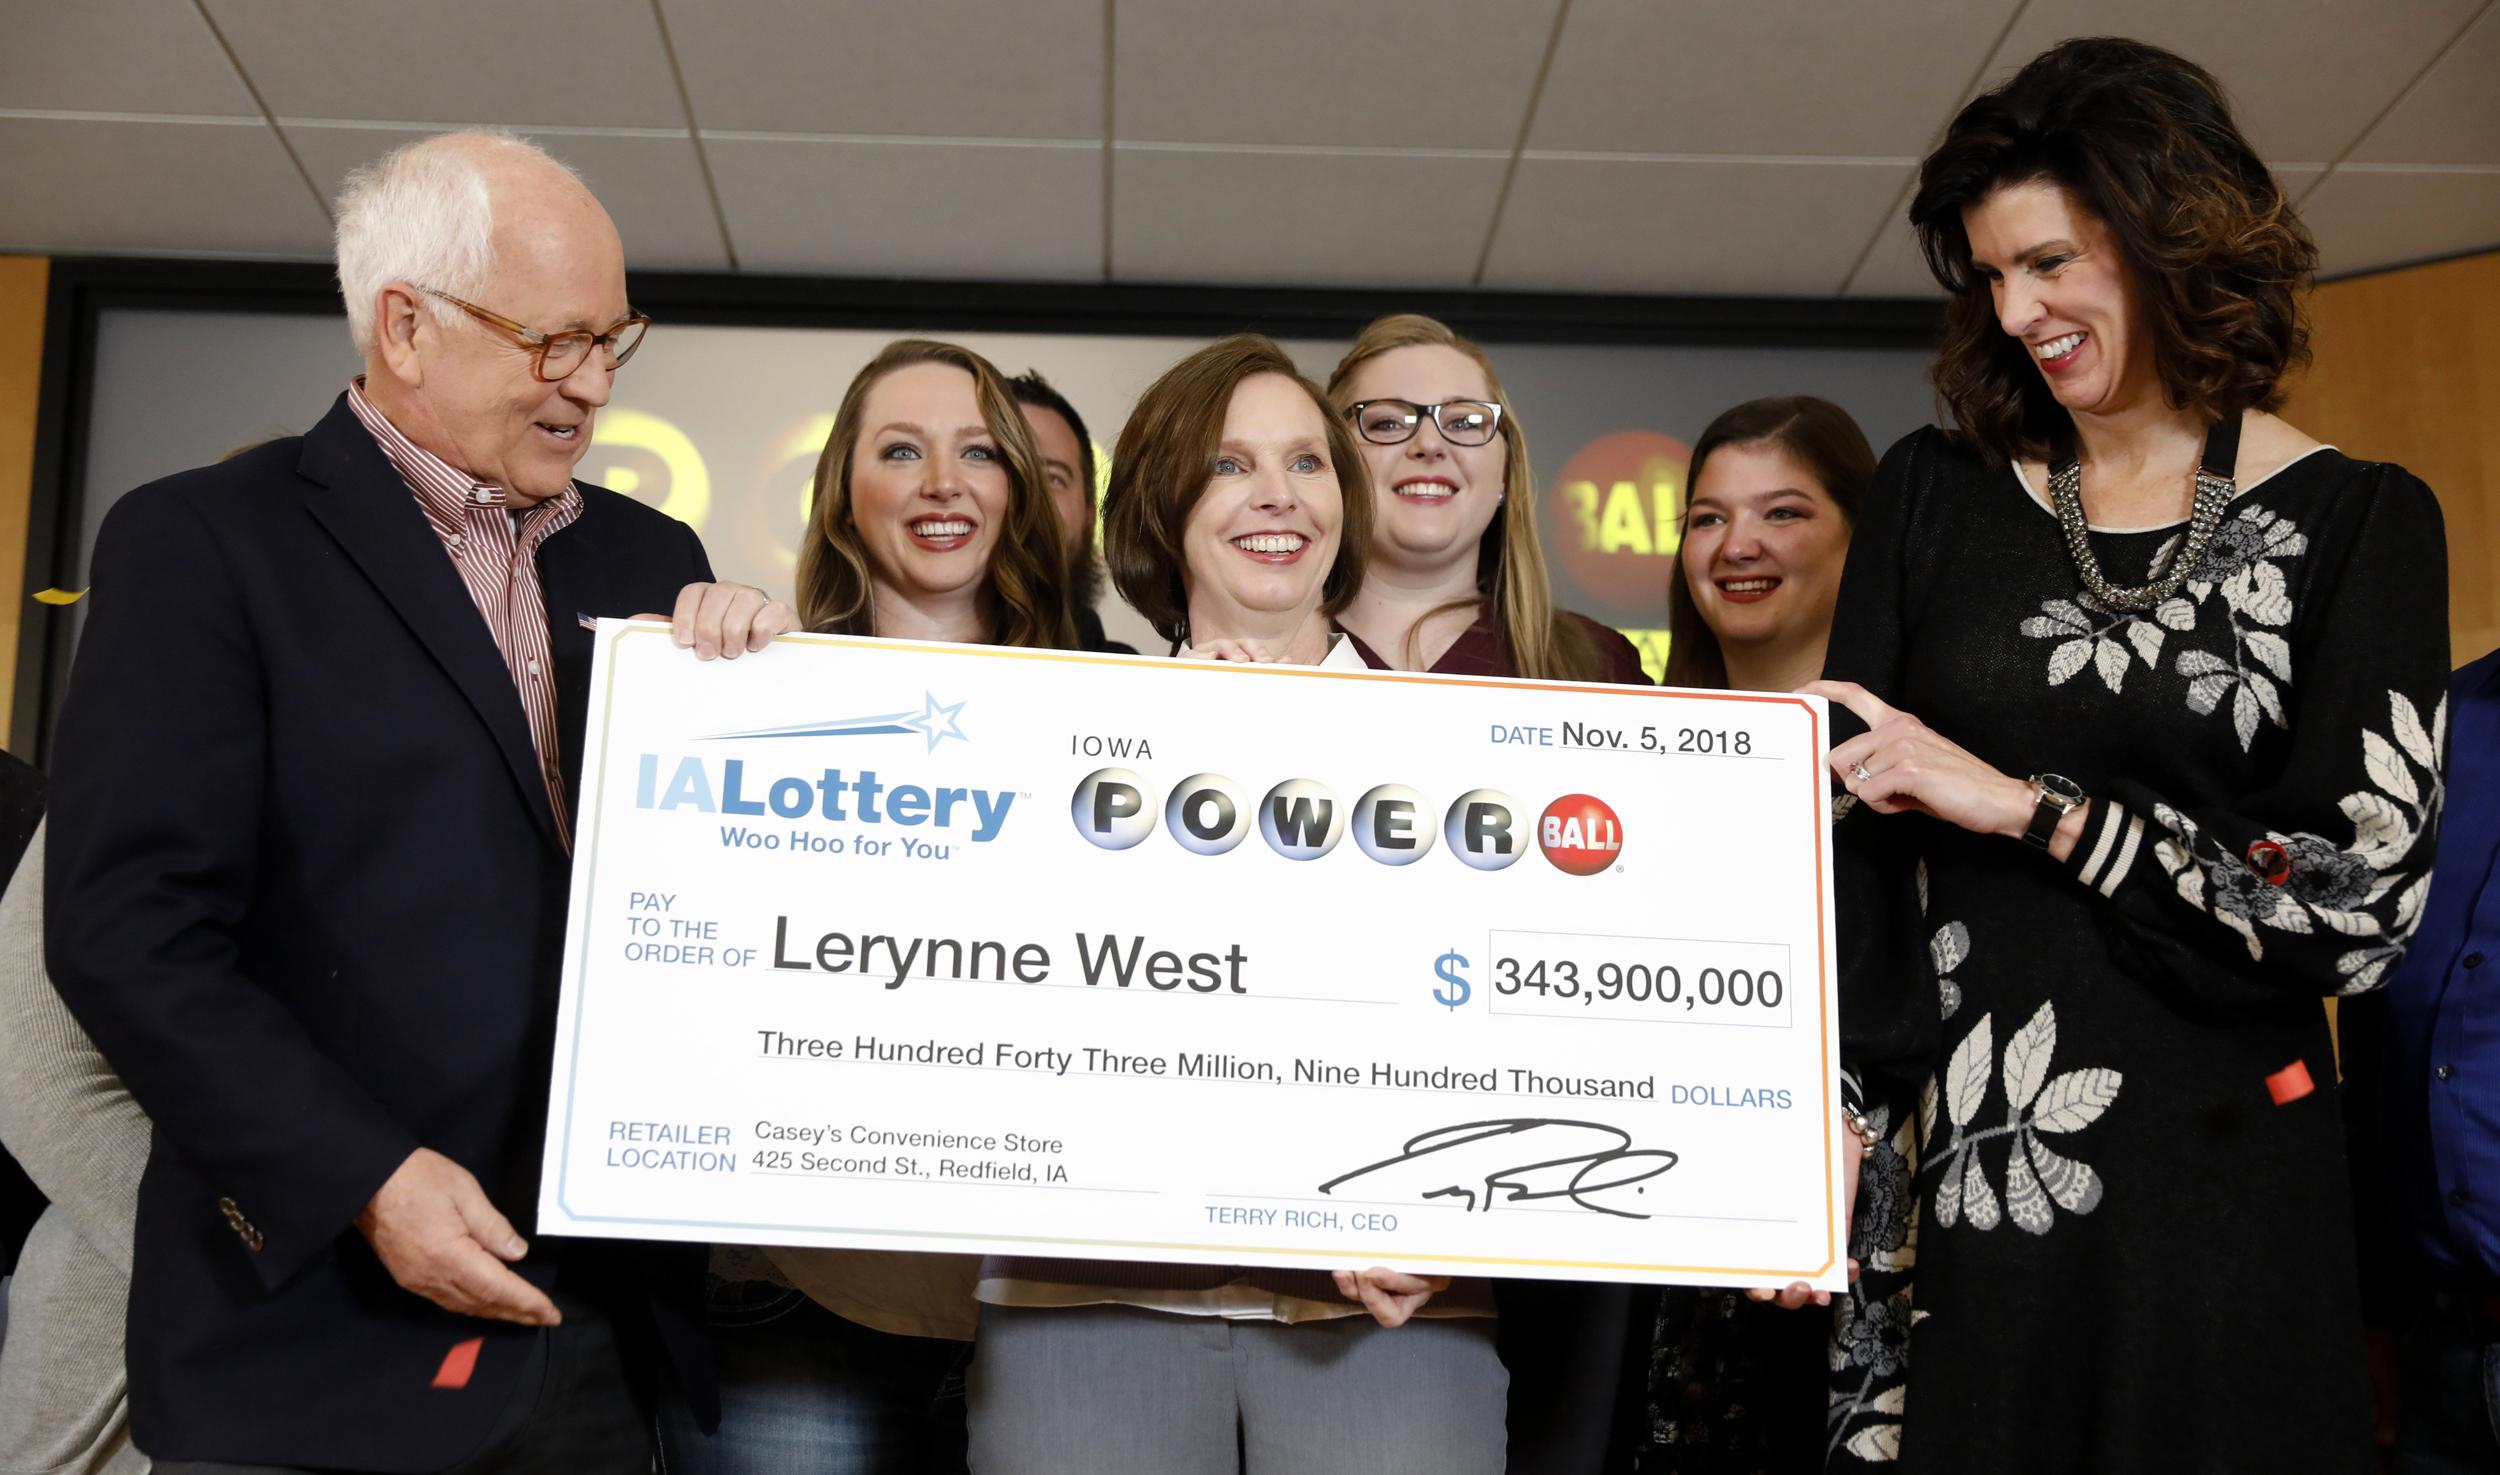 как выиграть в зарубежную лотерею